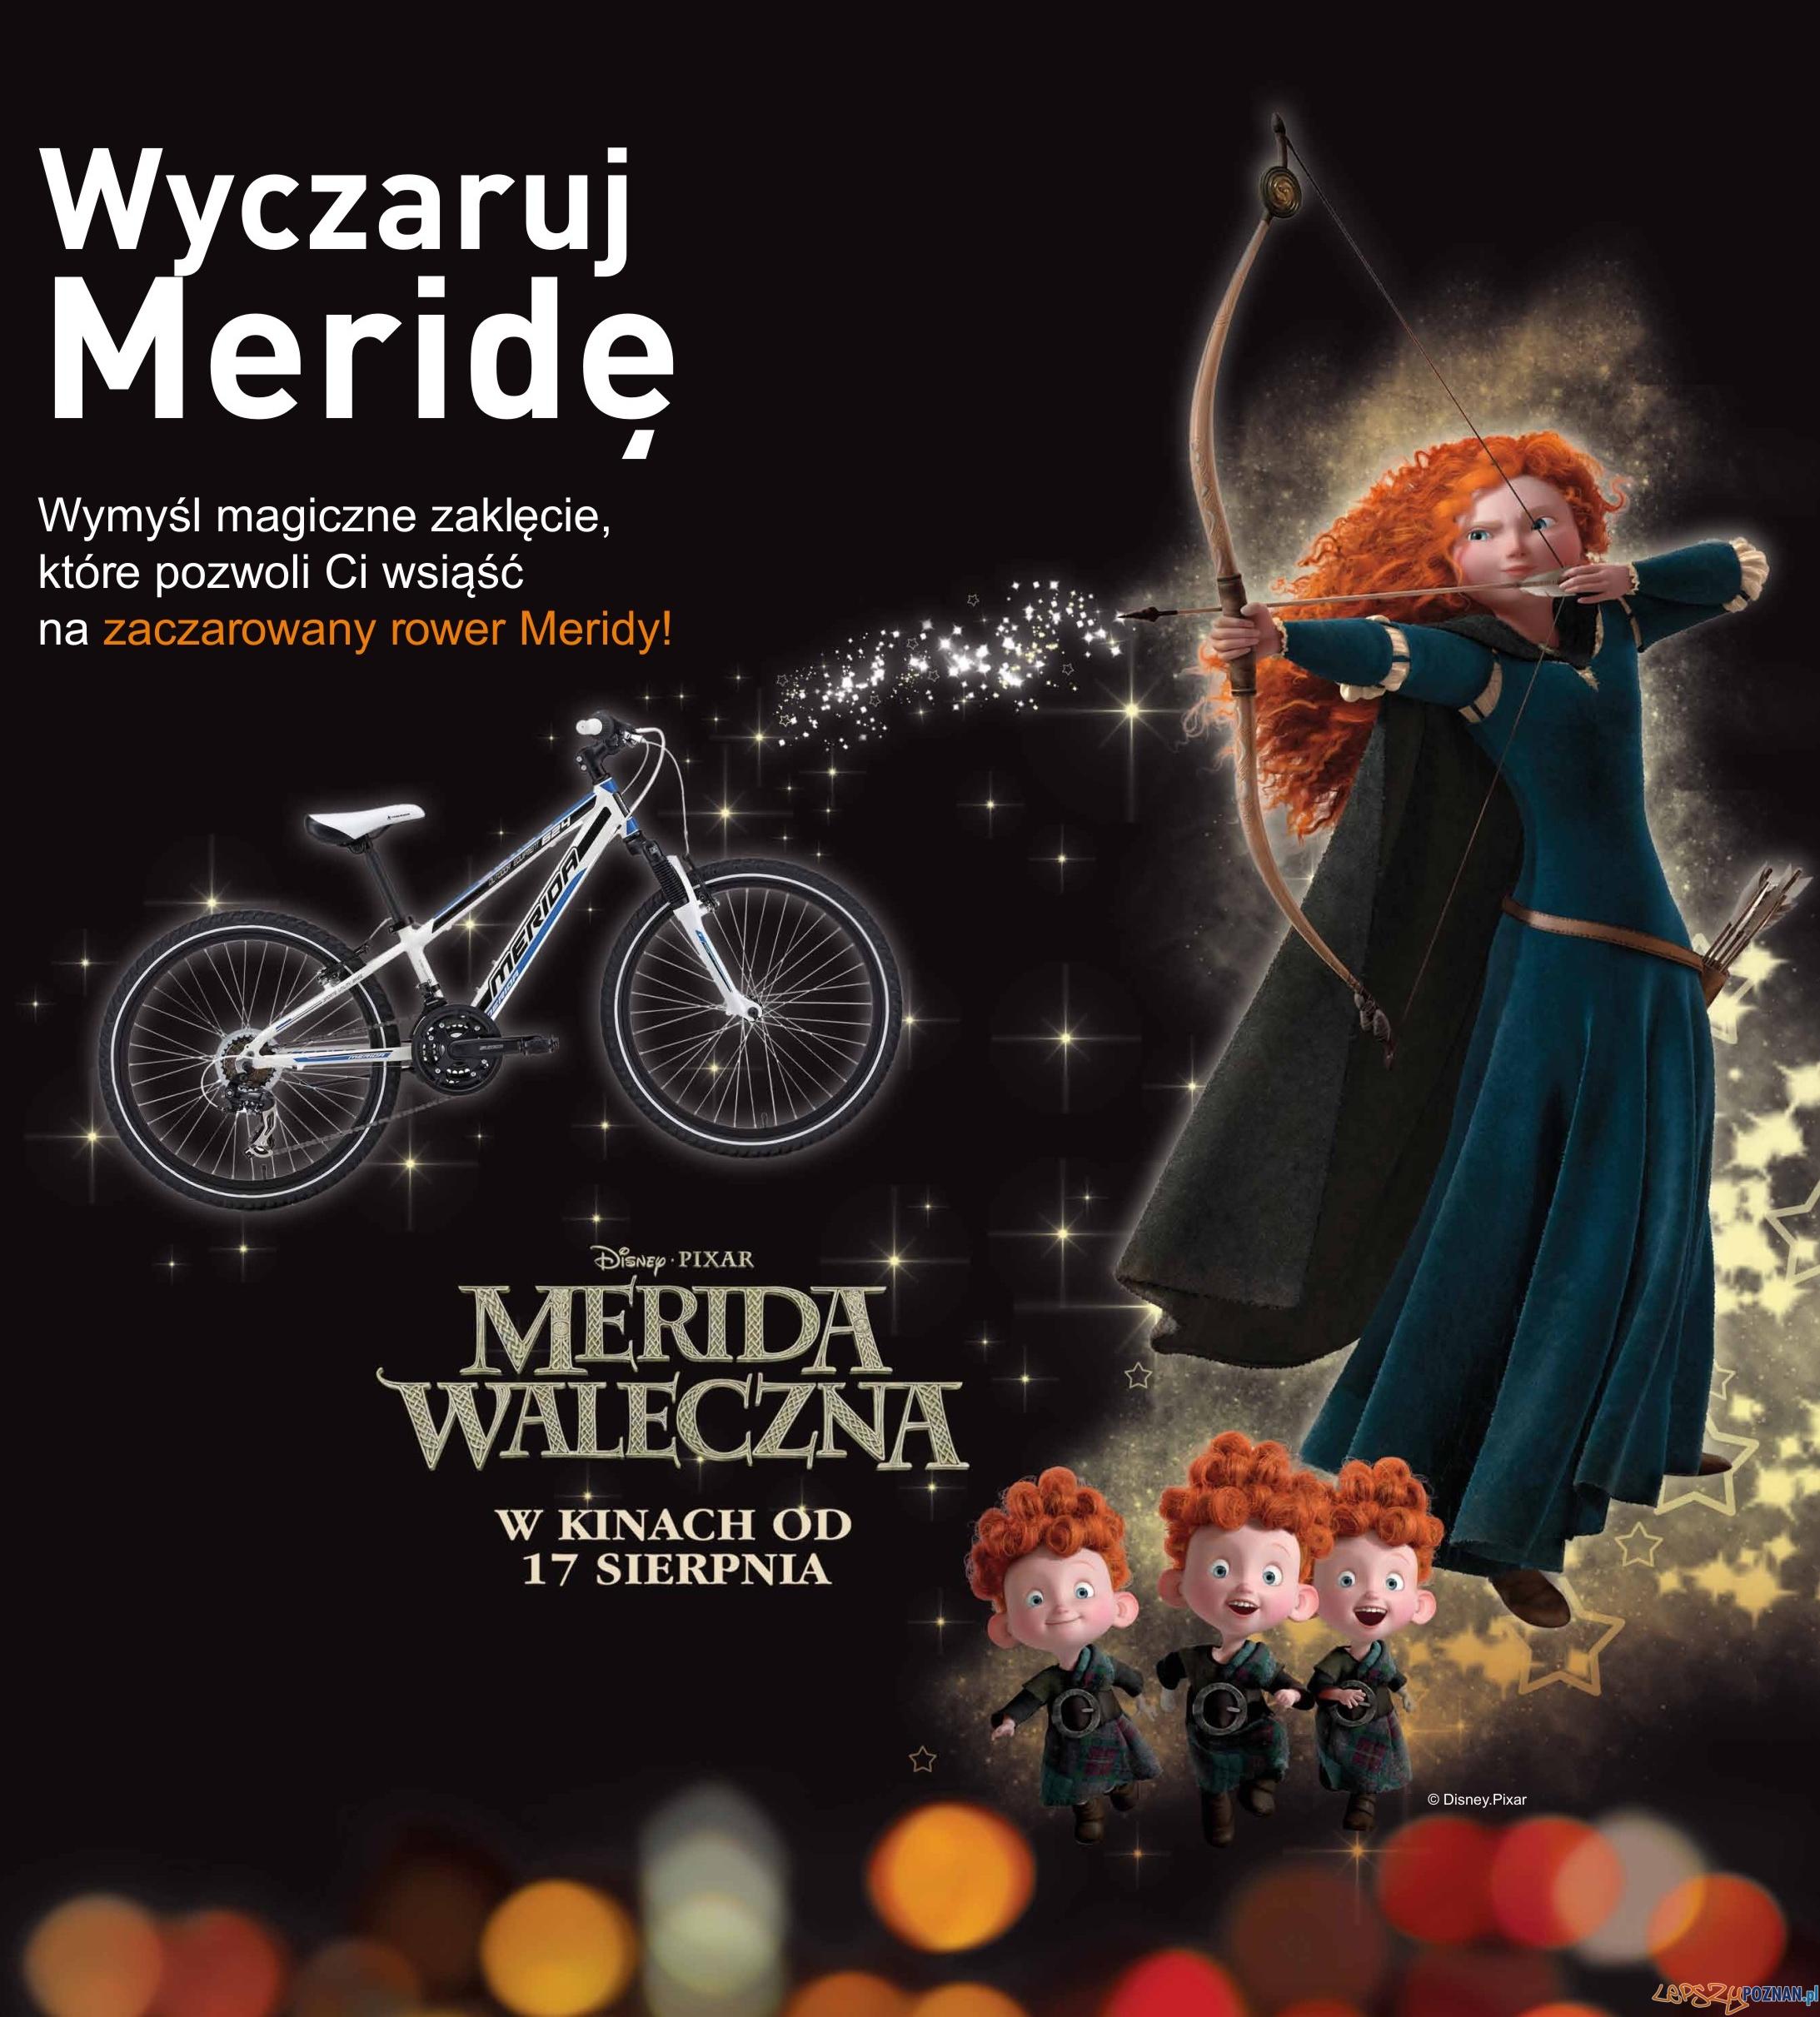 Merida Waleczna - konkurs  Foto: Merida Waleczna - konkurs